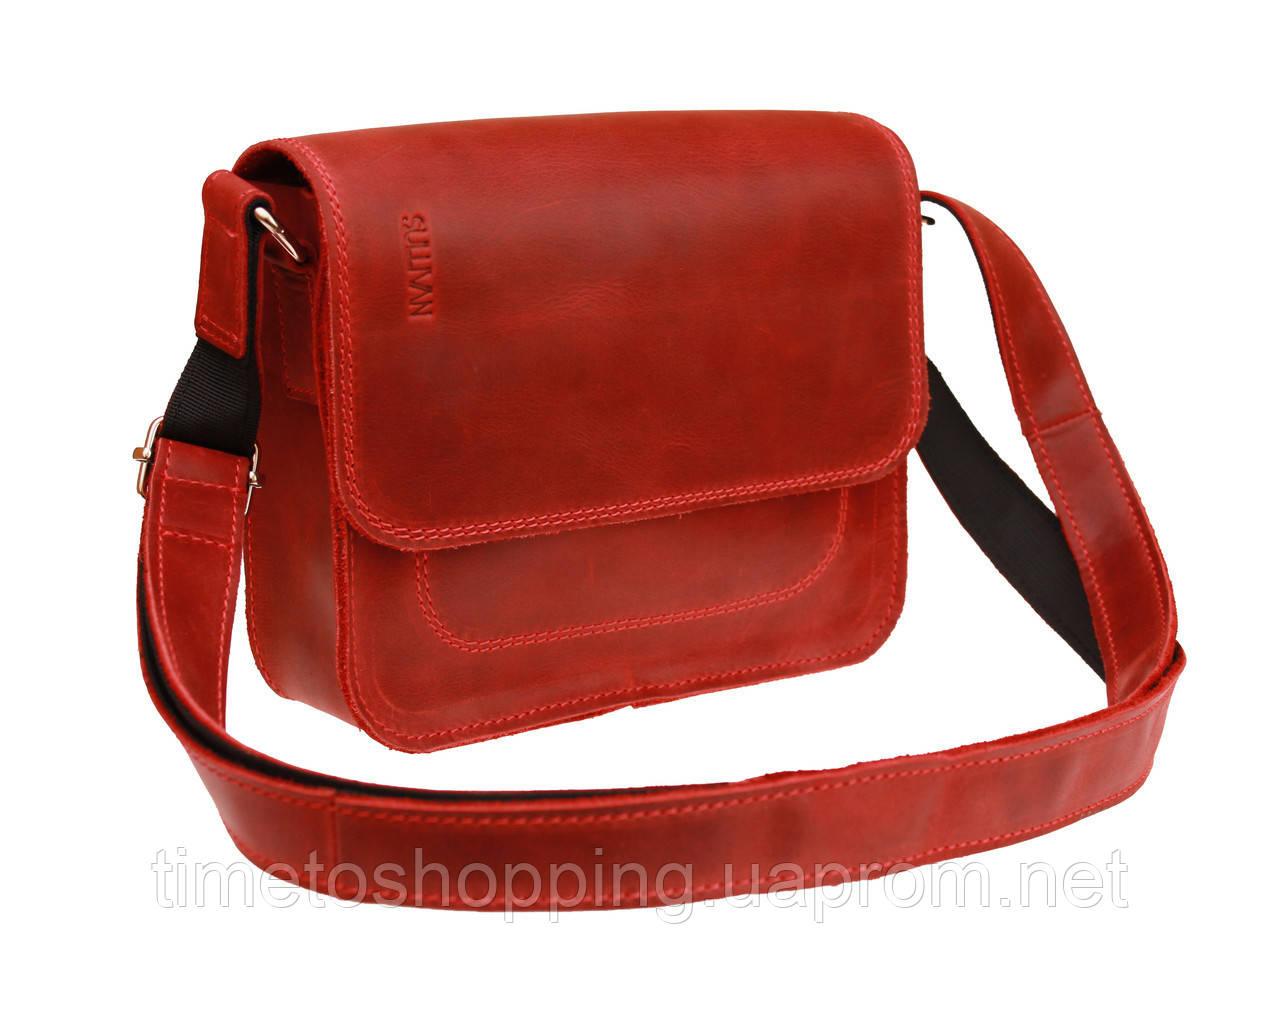 Сумка женская кожаная маленькая клатч  SULLIVAN sg7(25) красная